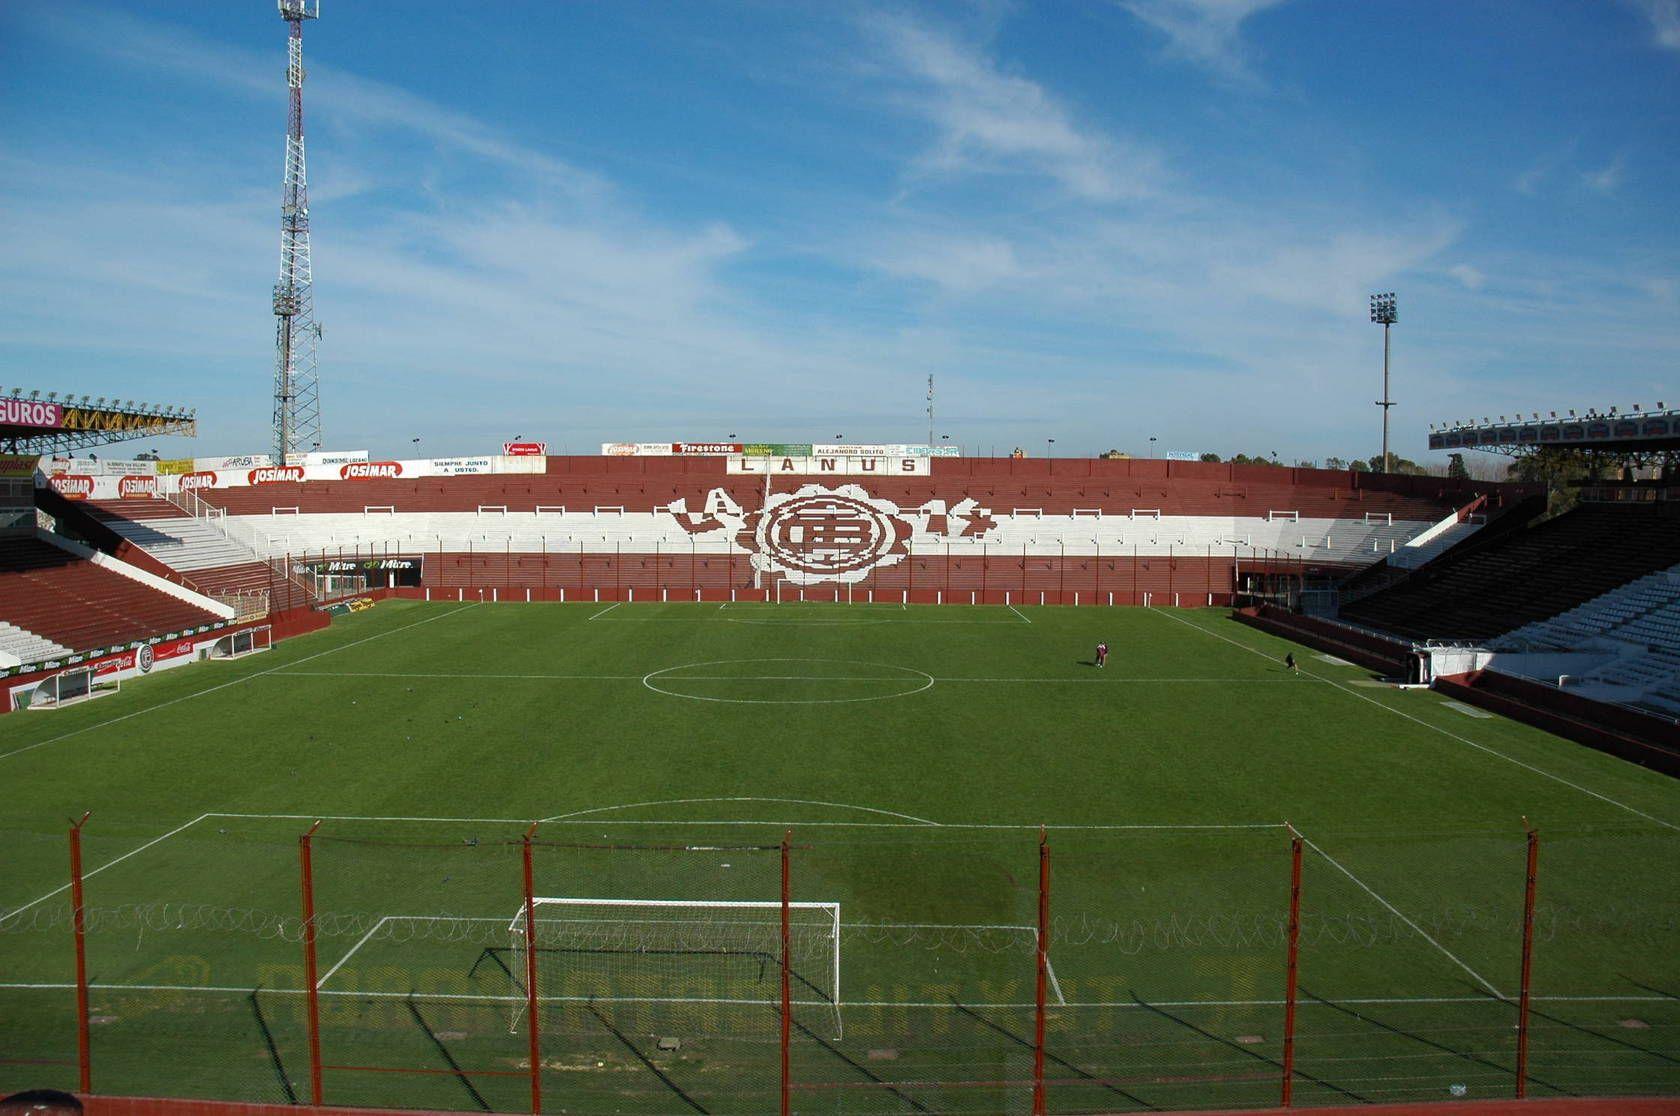 Estadio Ciudad de Lanus, Lanus, Argentina